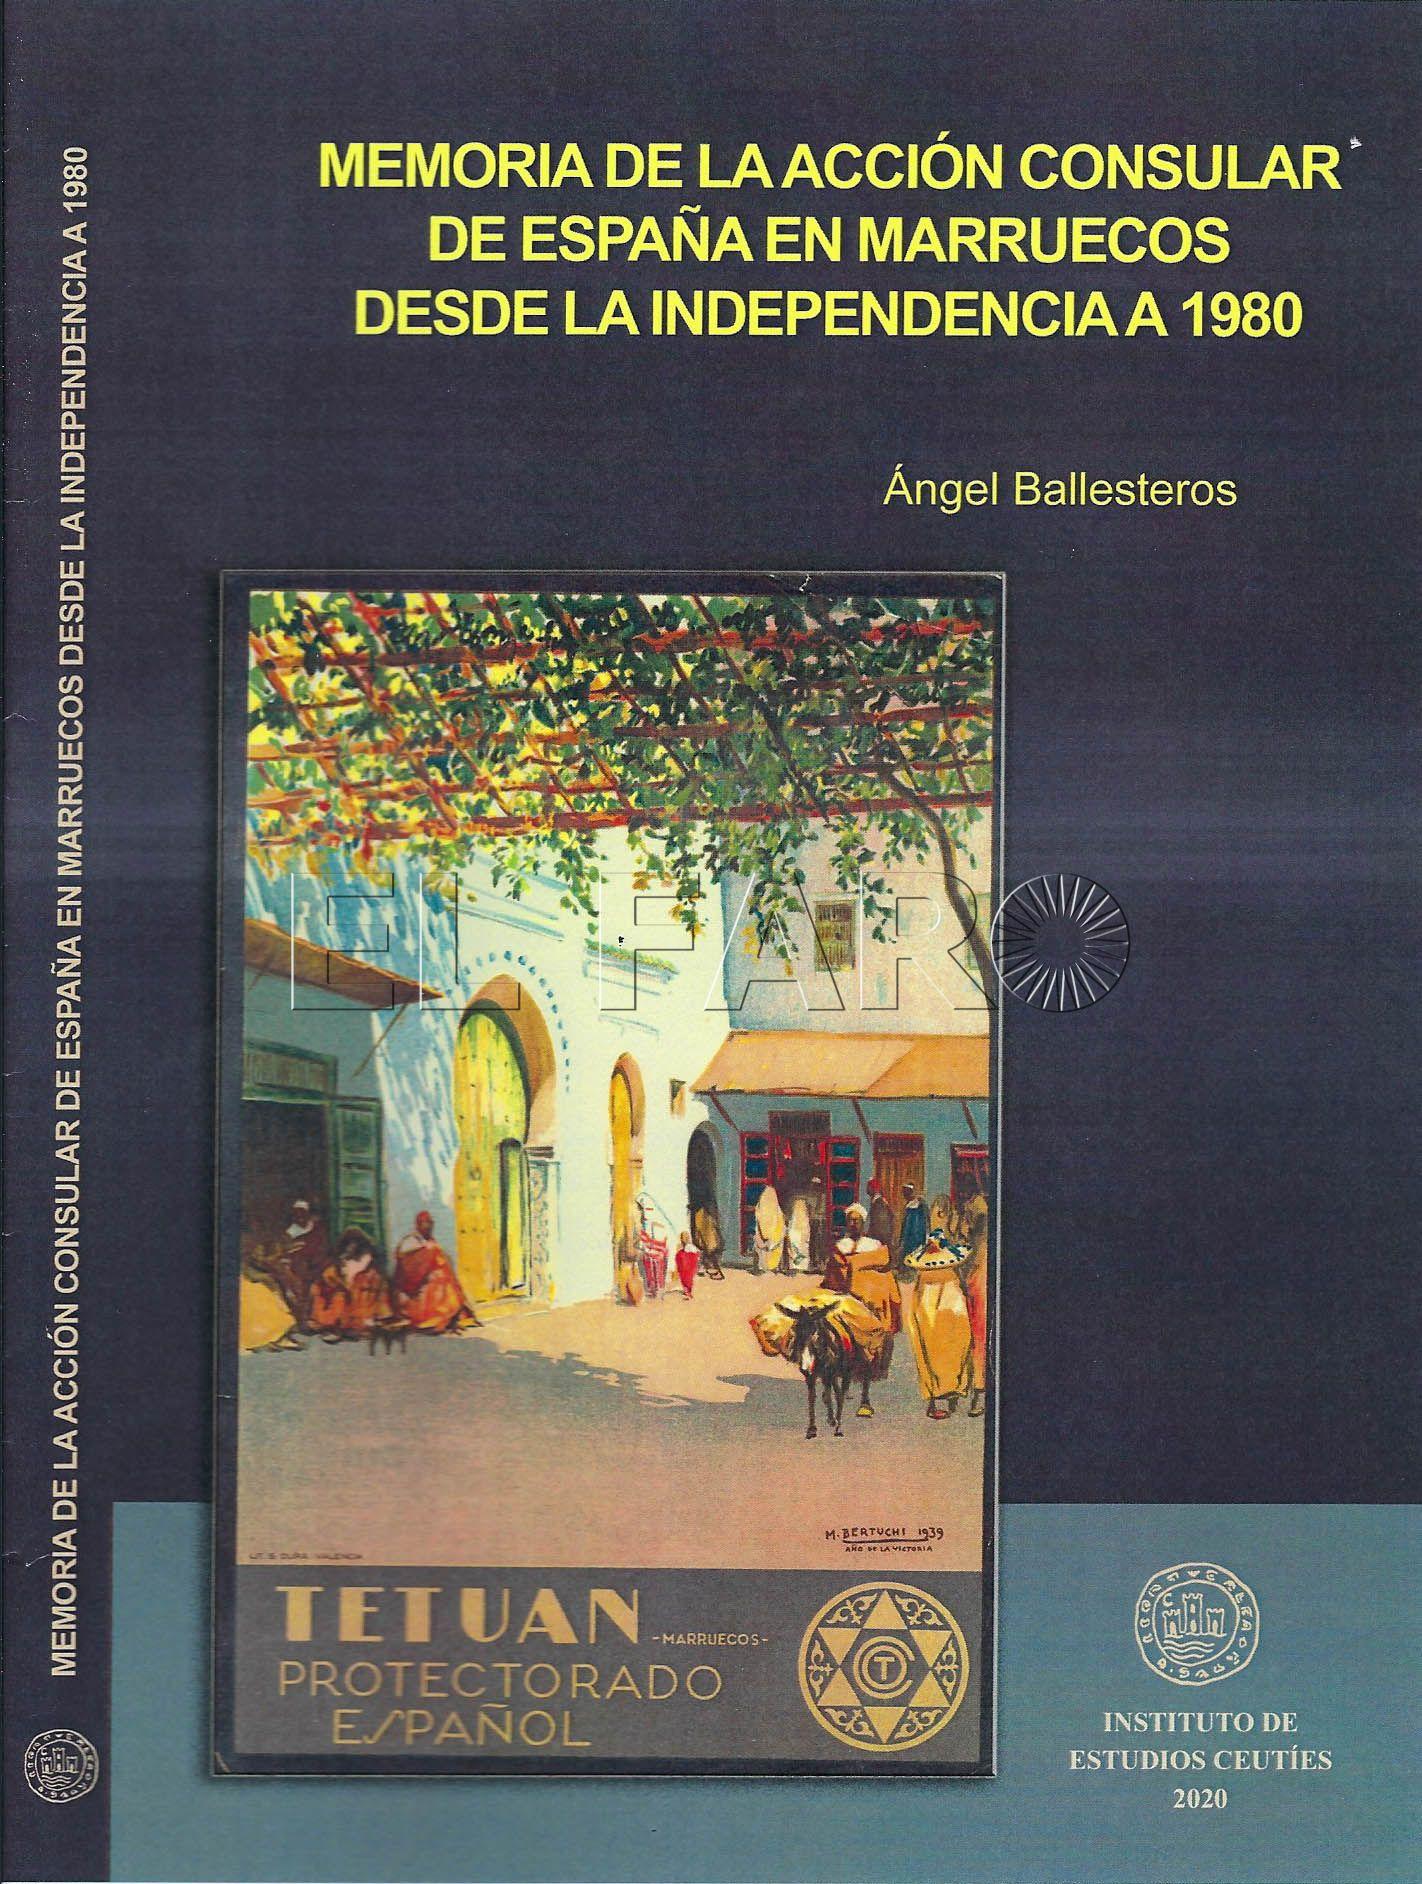 memoria-accion-consular-españa-marruecos-desde-independencia-2